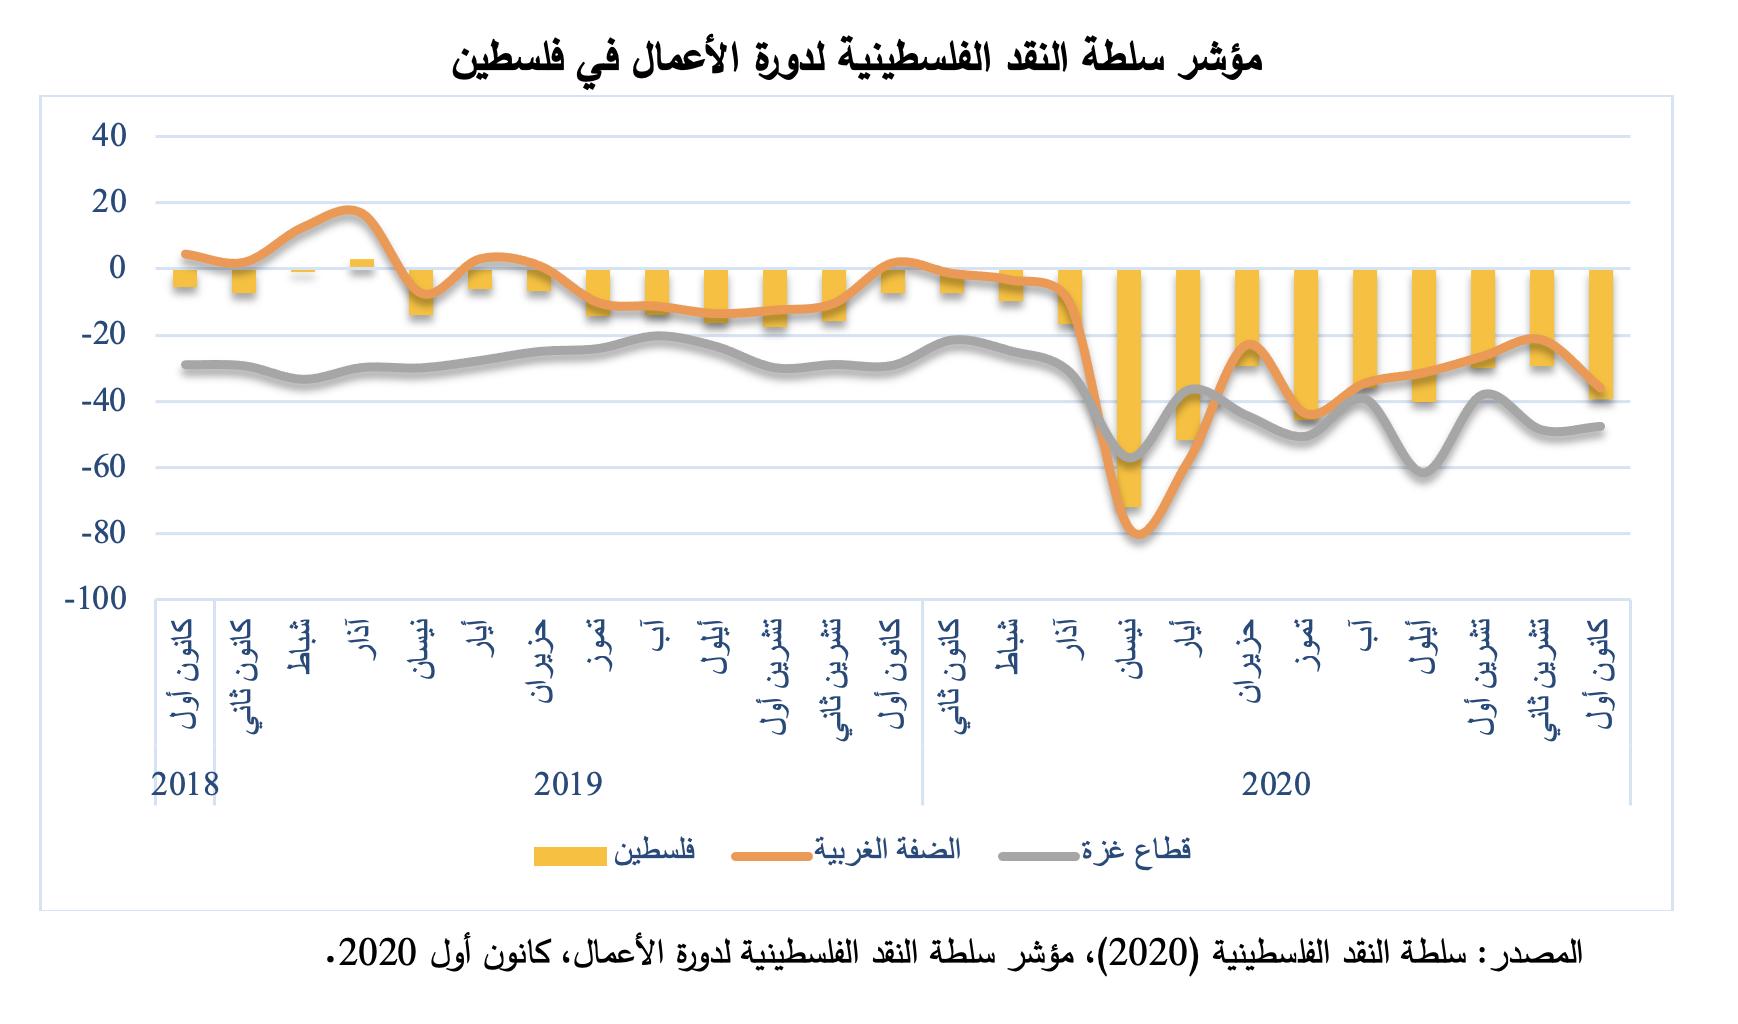 تراجع مؤشر دورة الاعمال في فلسطين لشهر كانون اول 2020